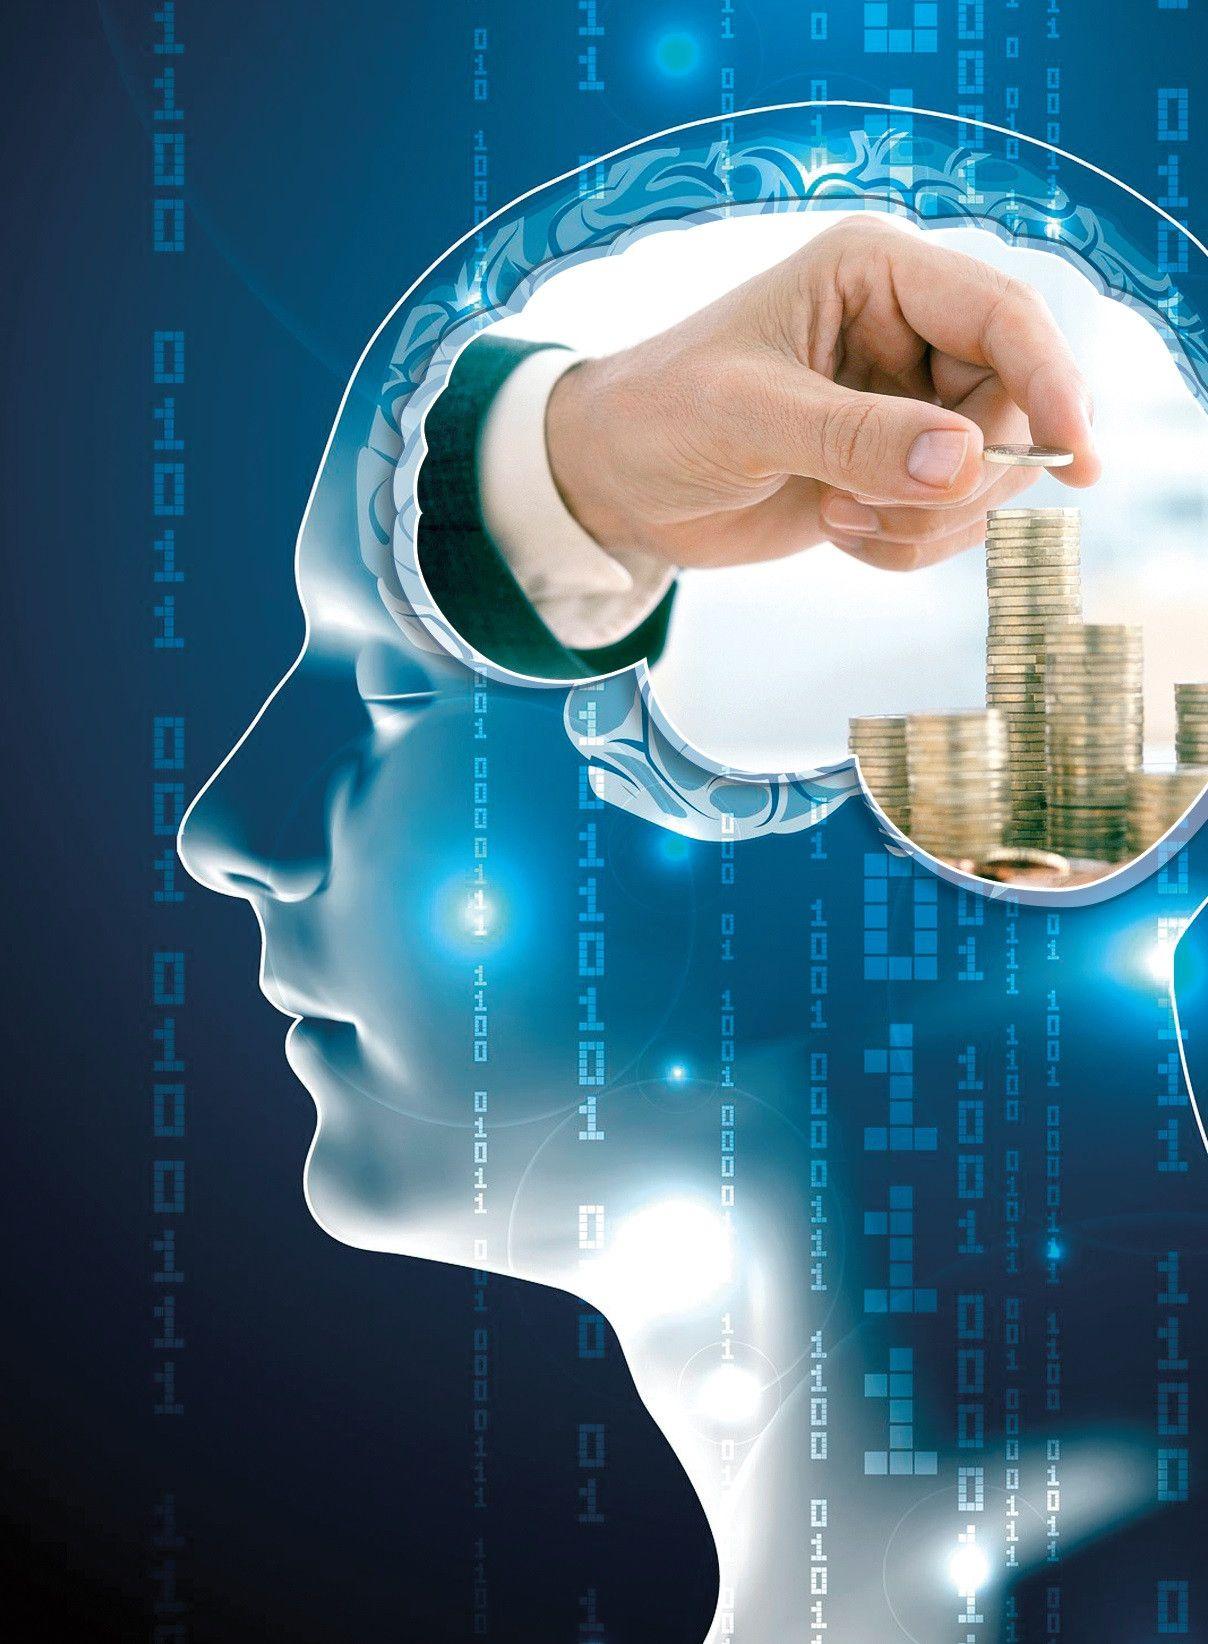 ¿Cómo invierte nuestro cerebro?